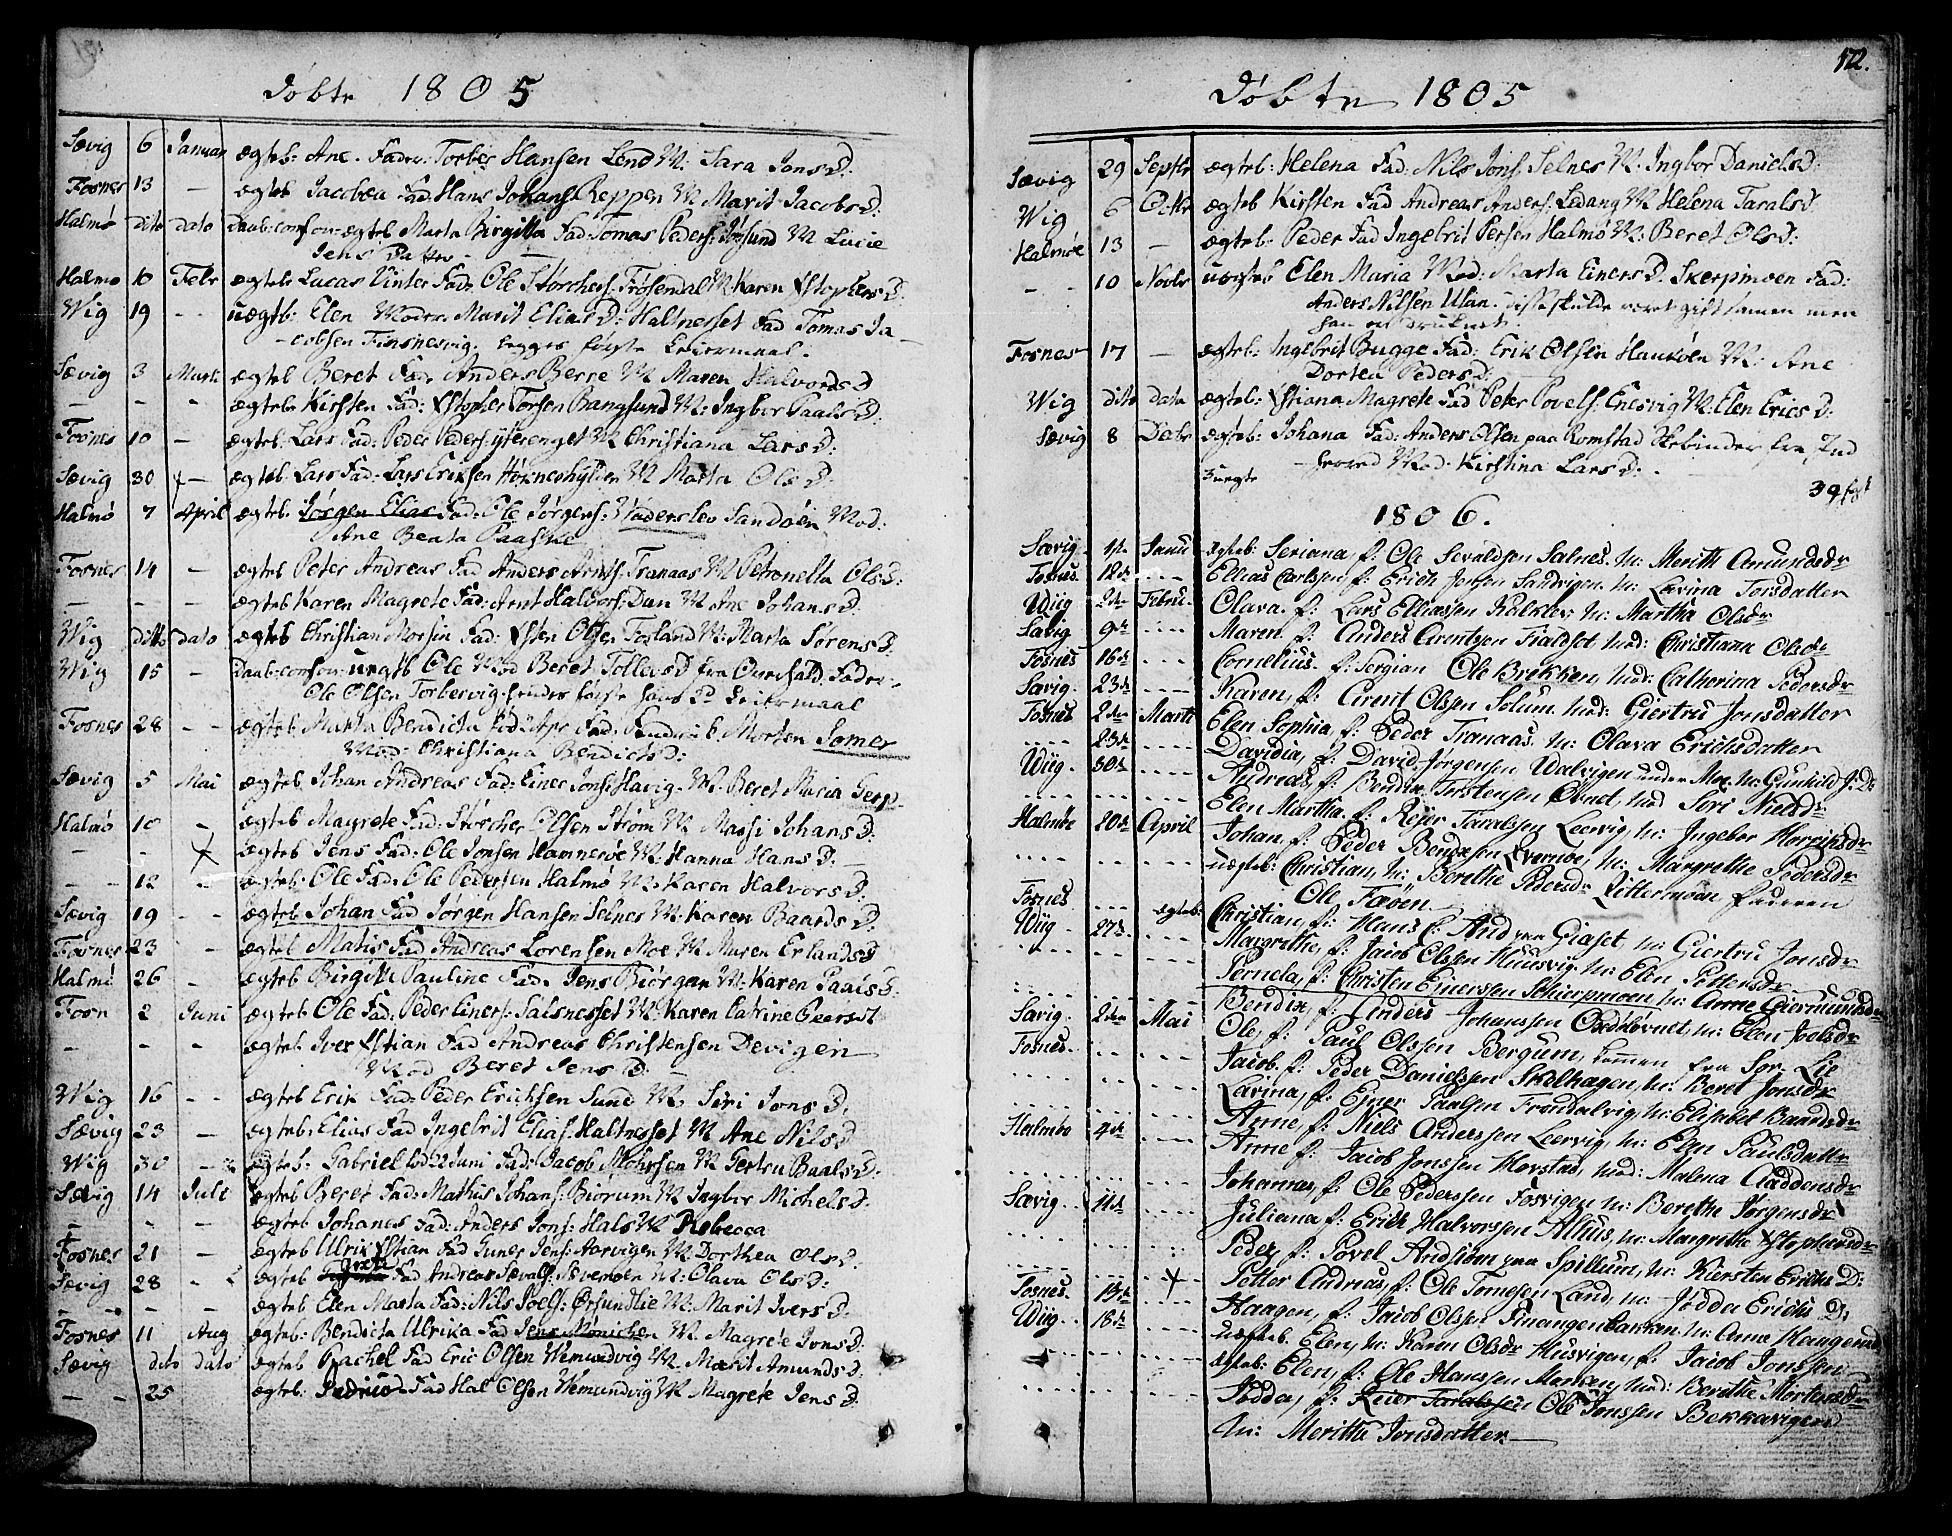 SAT, Ministerialprotokoller, klokkerbøker og fødselsregistre - Nord-Trøndelag, 773/L0608: Ministerialbok nr. 773A02, 1784-1816, s. 172